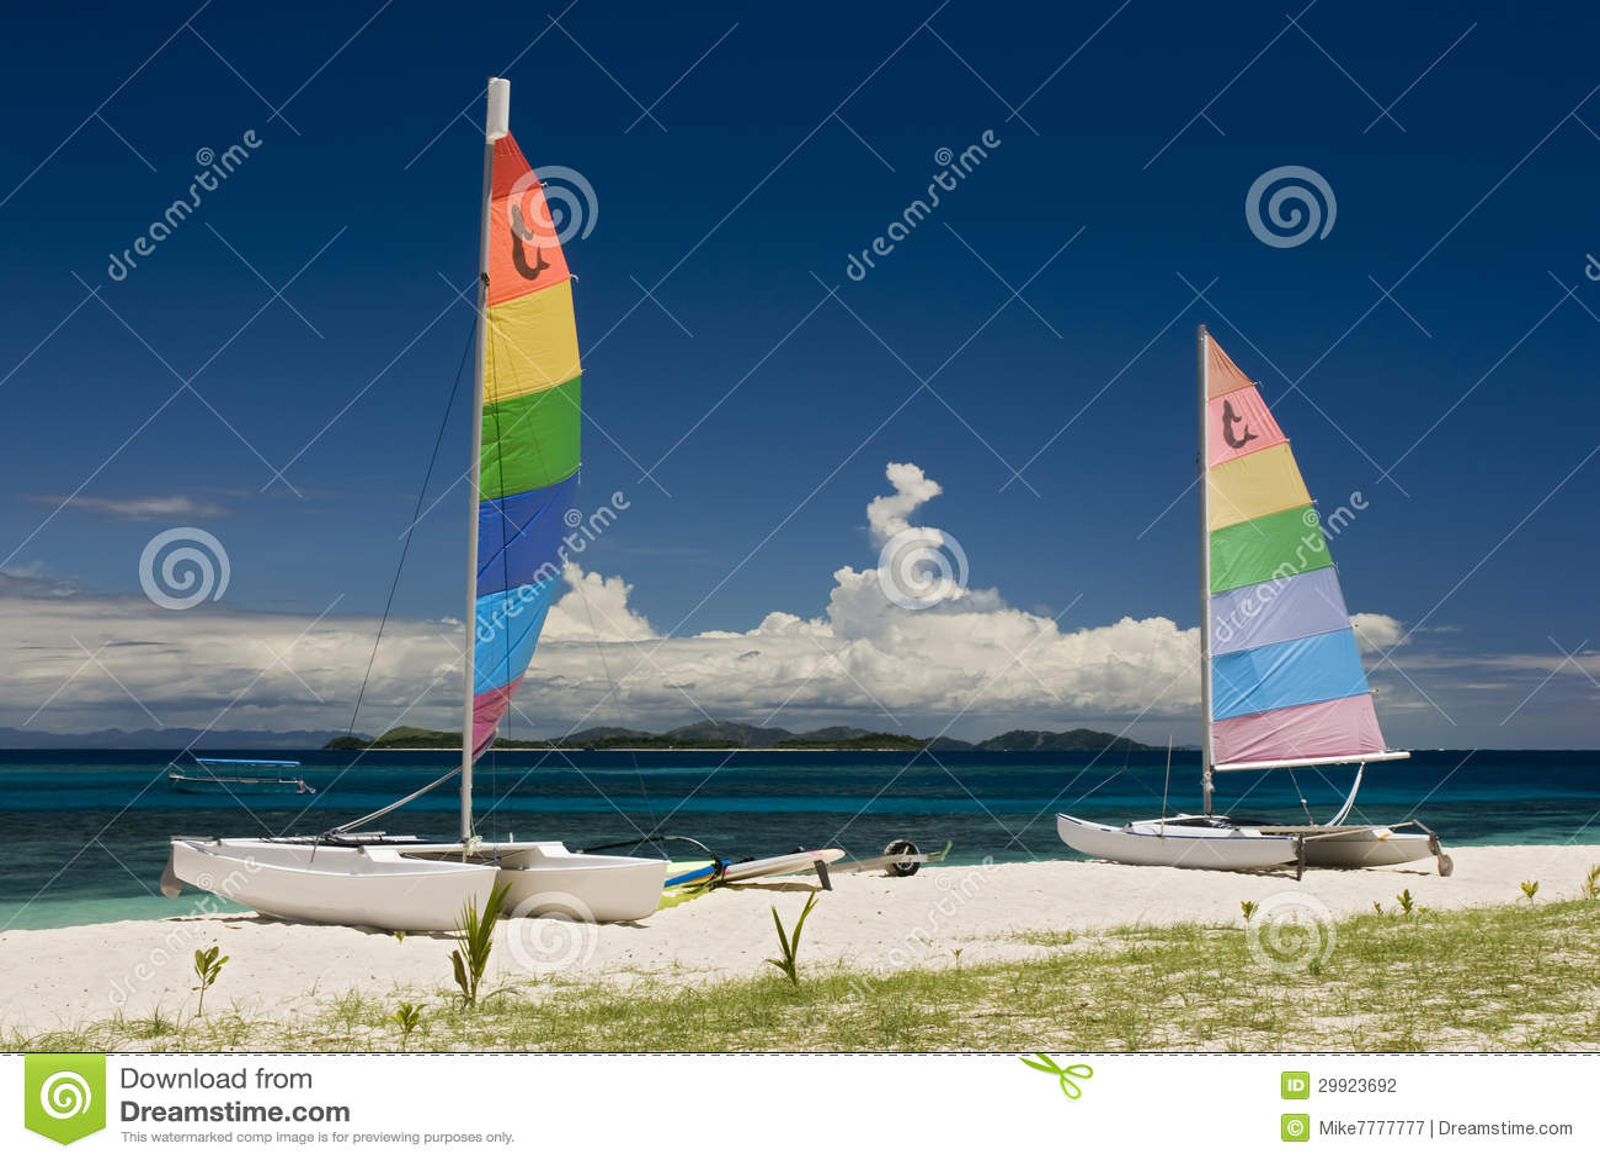 Catamarans på den sandiga stranden, Fiji